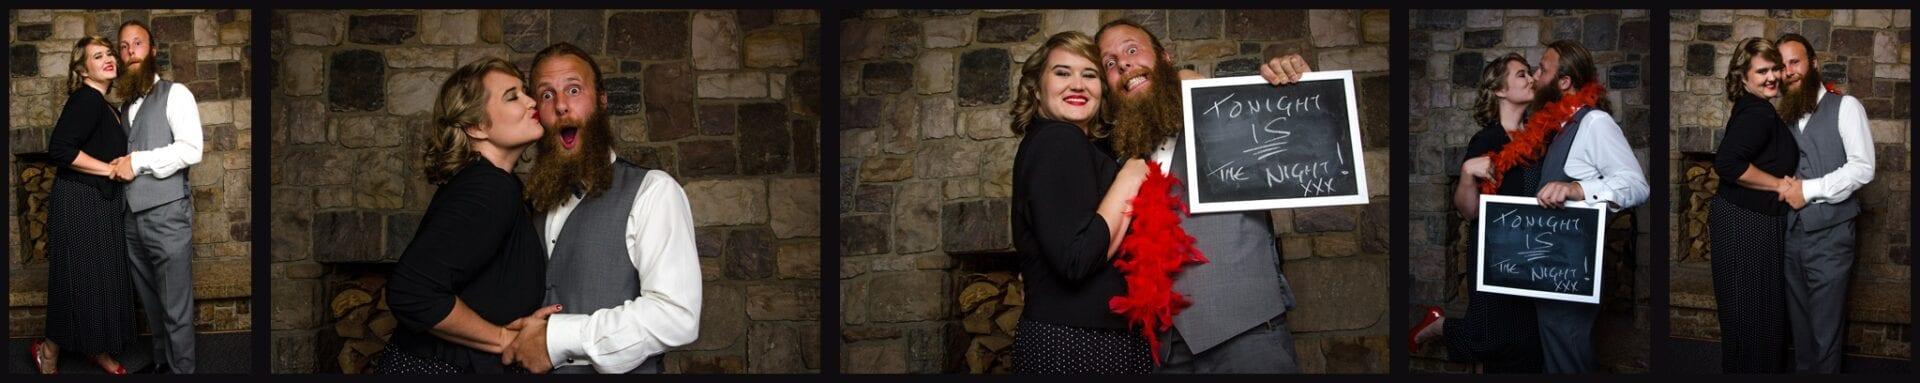 Edmonton-Wedding-photo-booth-Photography-118